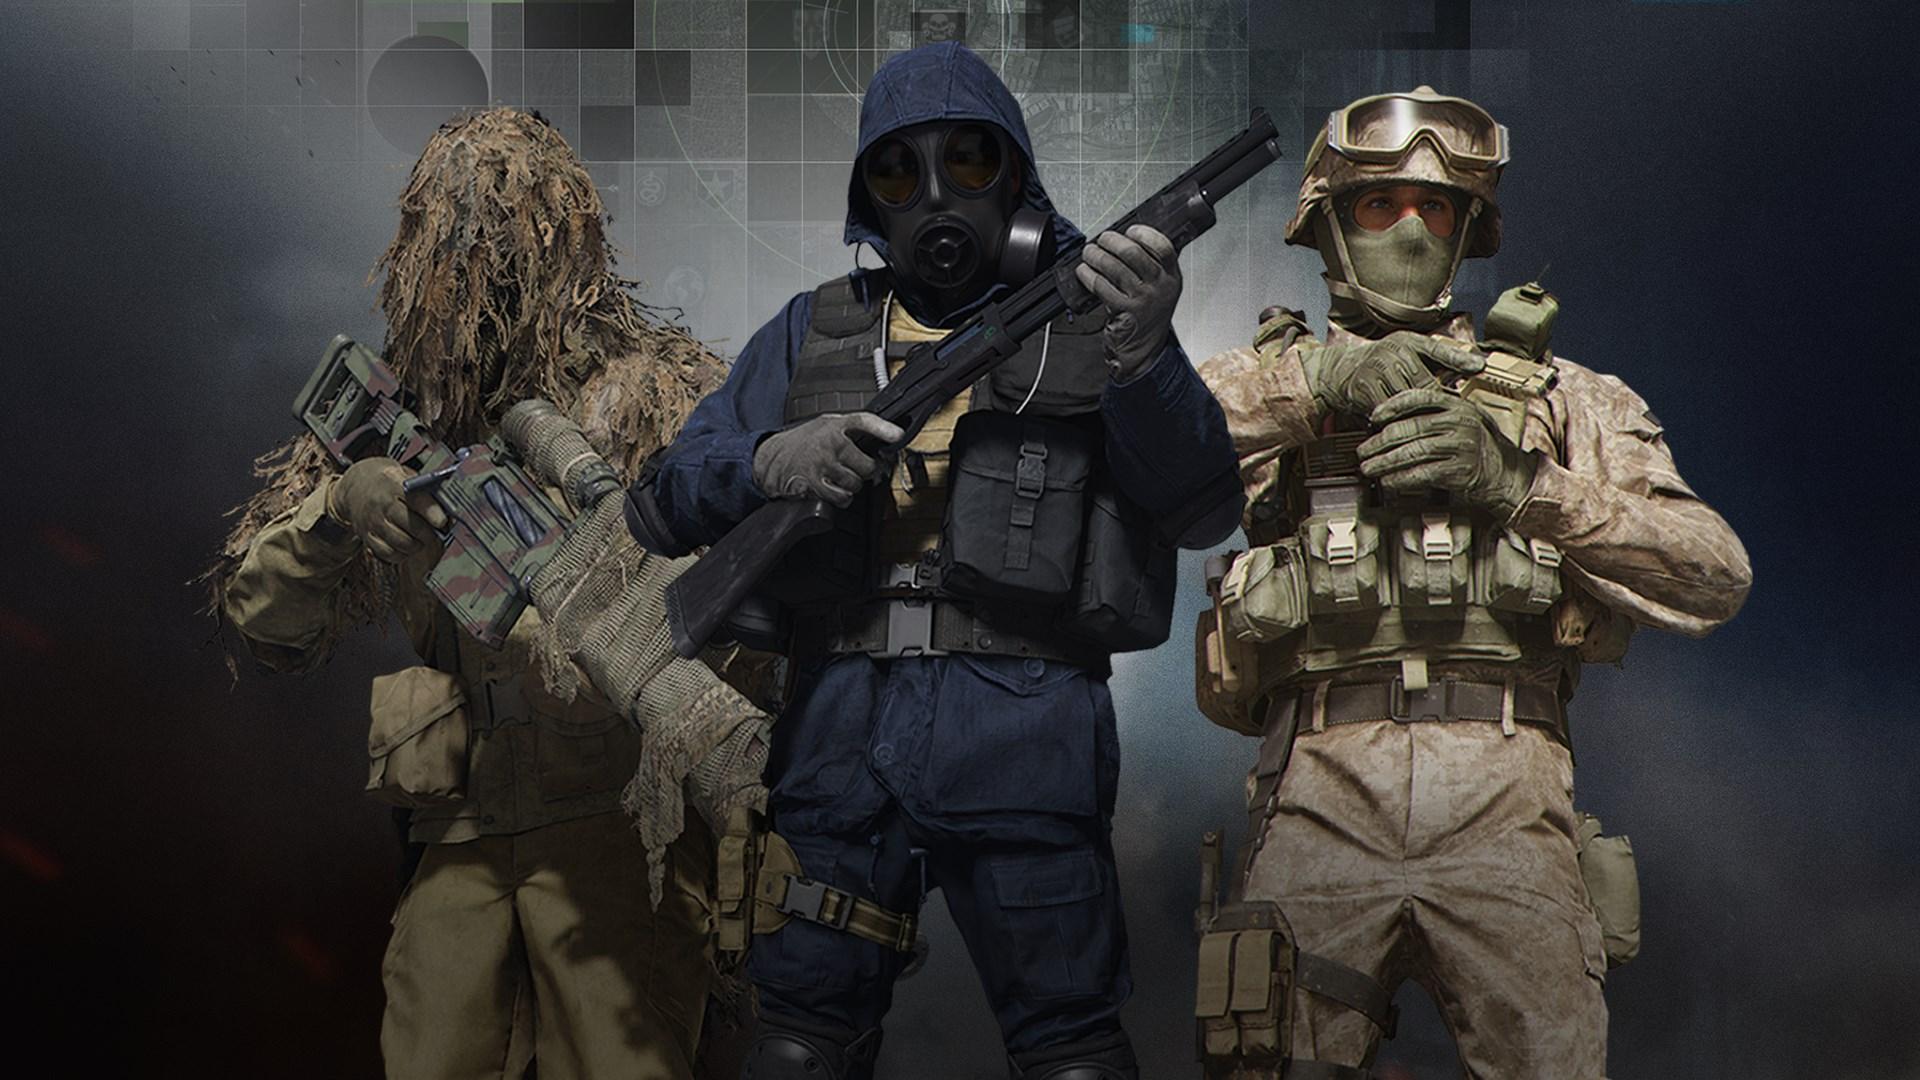 Call of Duty pokročilé vojny zručnosť na dohazování patch čo napísať na internete datovania e-mail